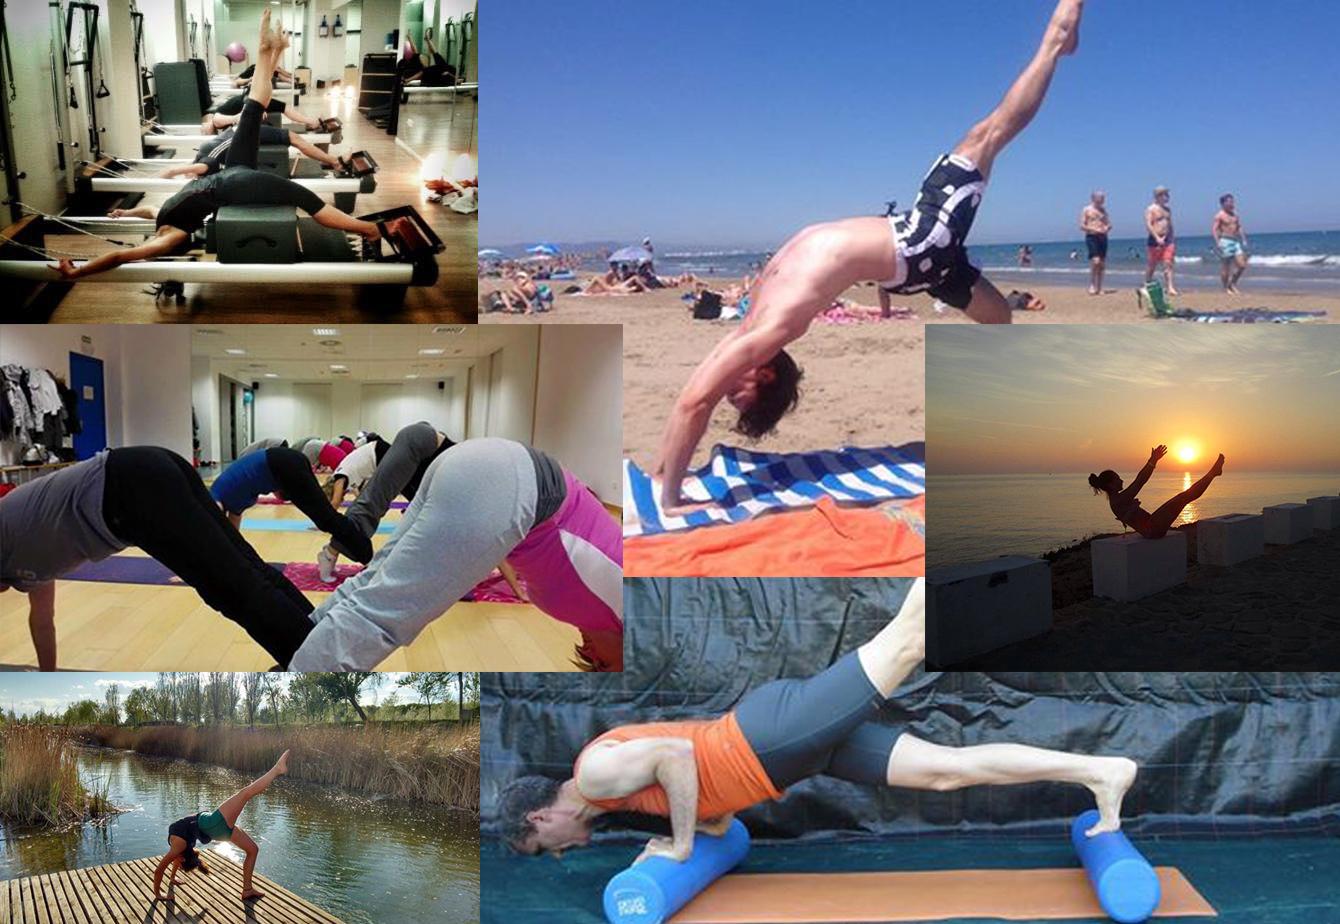 Concurso Fotografía Pilates